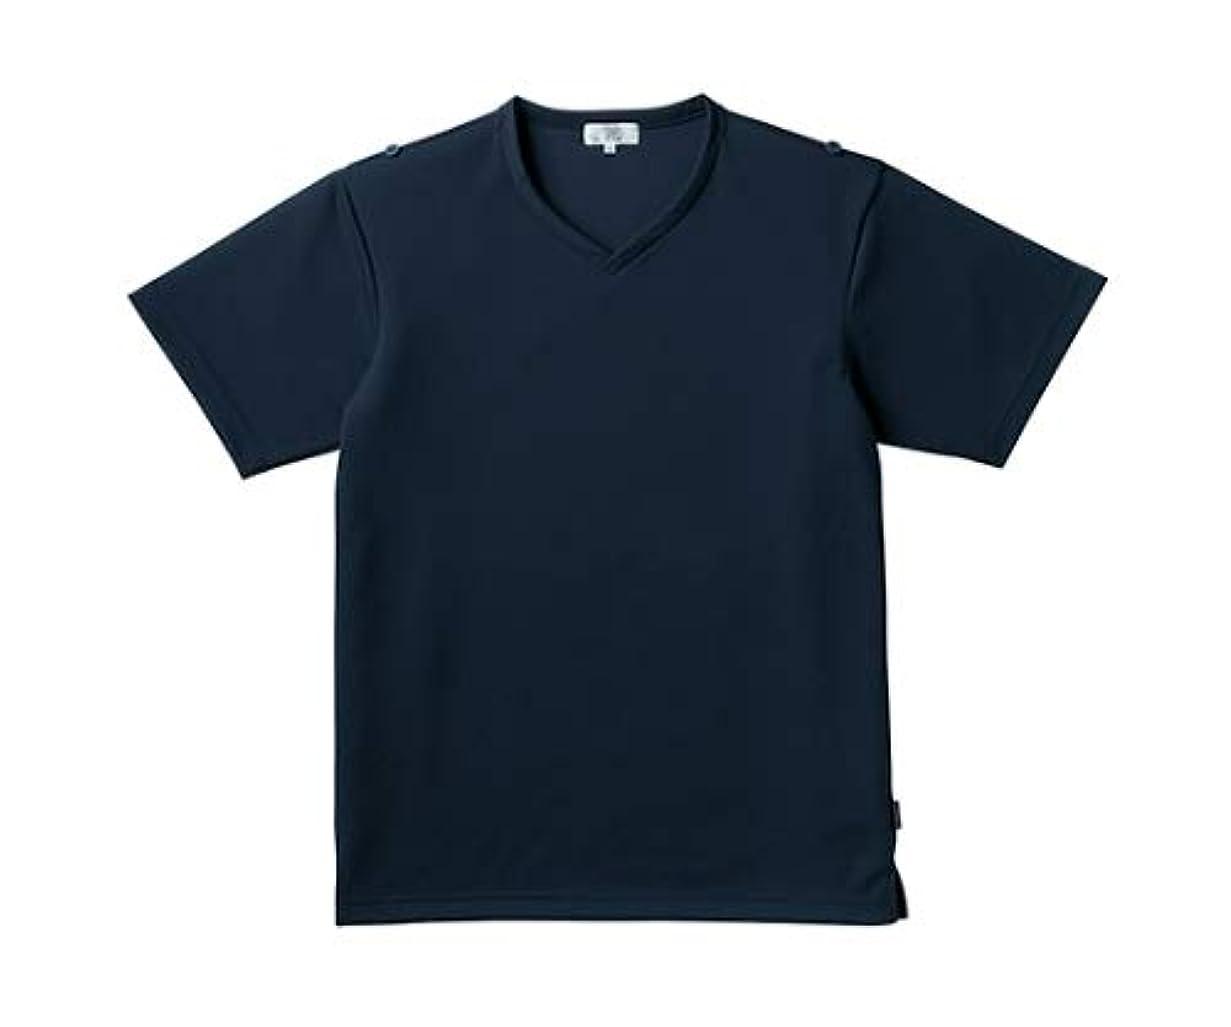 気配りのある洗う甲虫トンボ/KIRAKU 入浴介助用シャツ CR160 3L ネイビー